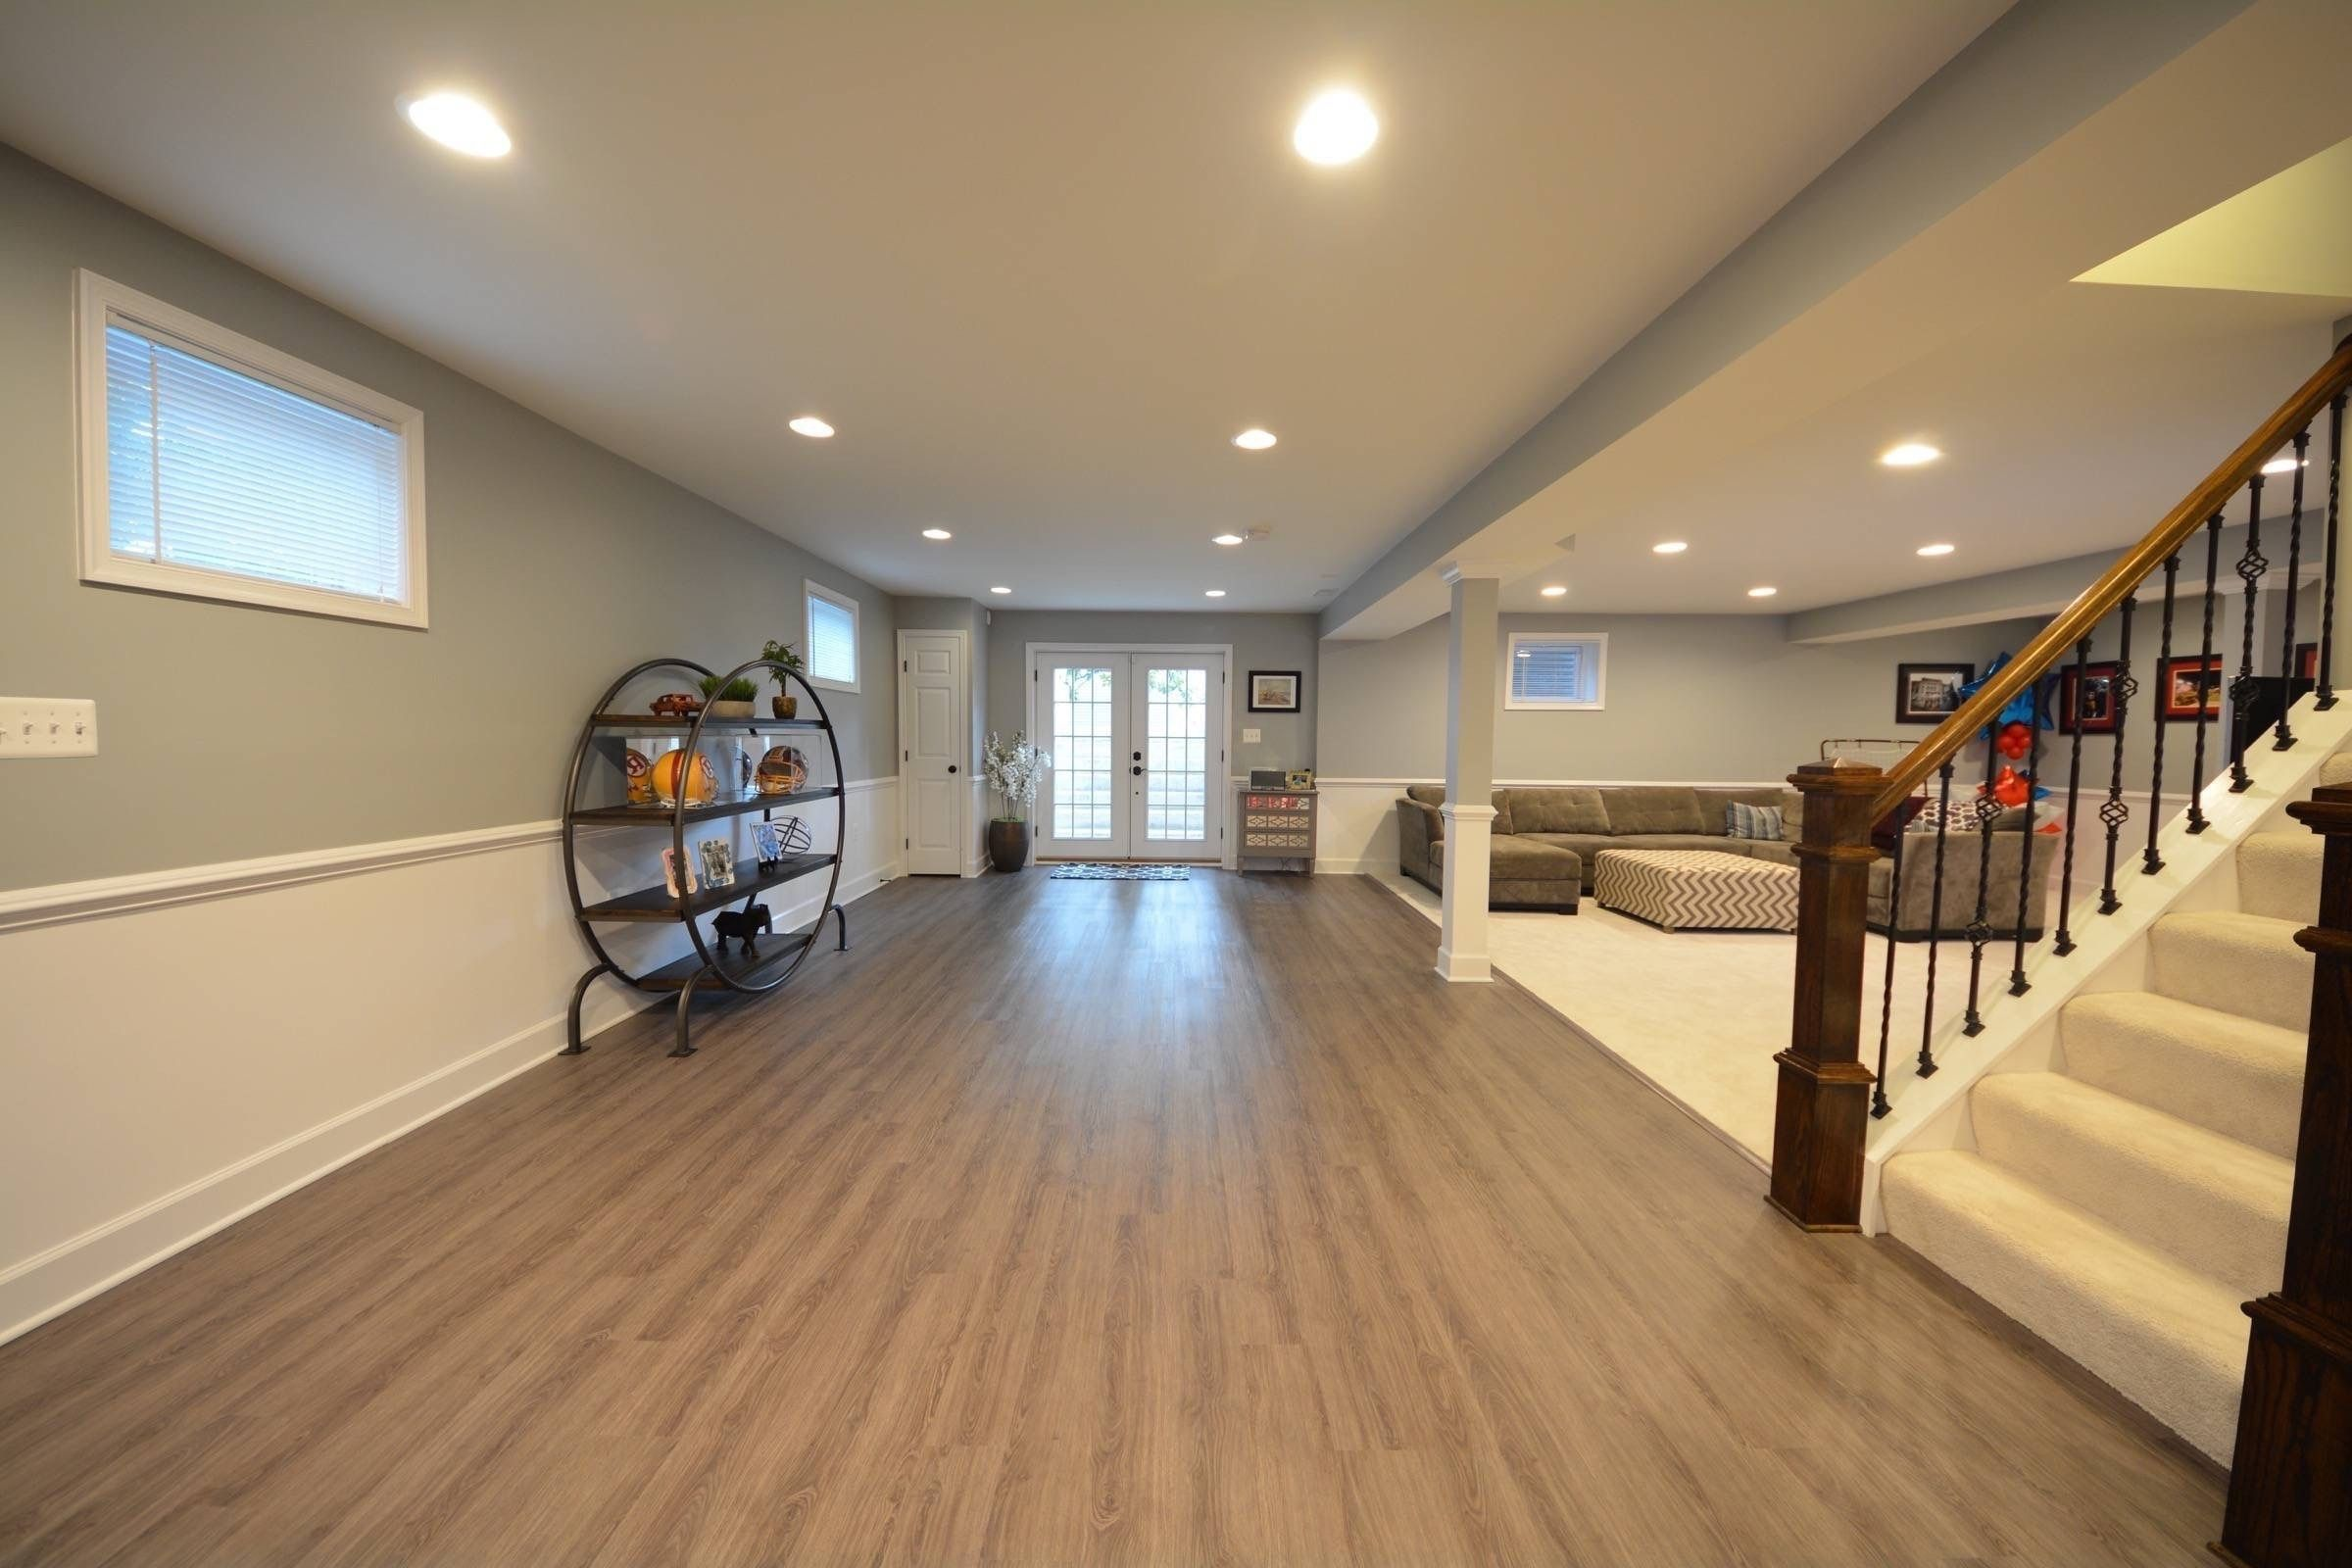 Brilliant Image Of Flooring Ideas Inexpensive Inexpensive Flooring Best Flooring For Basement Basement Flooring